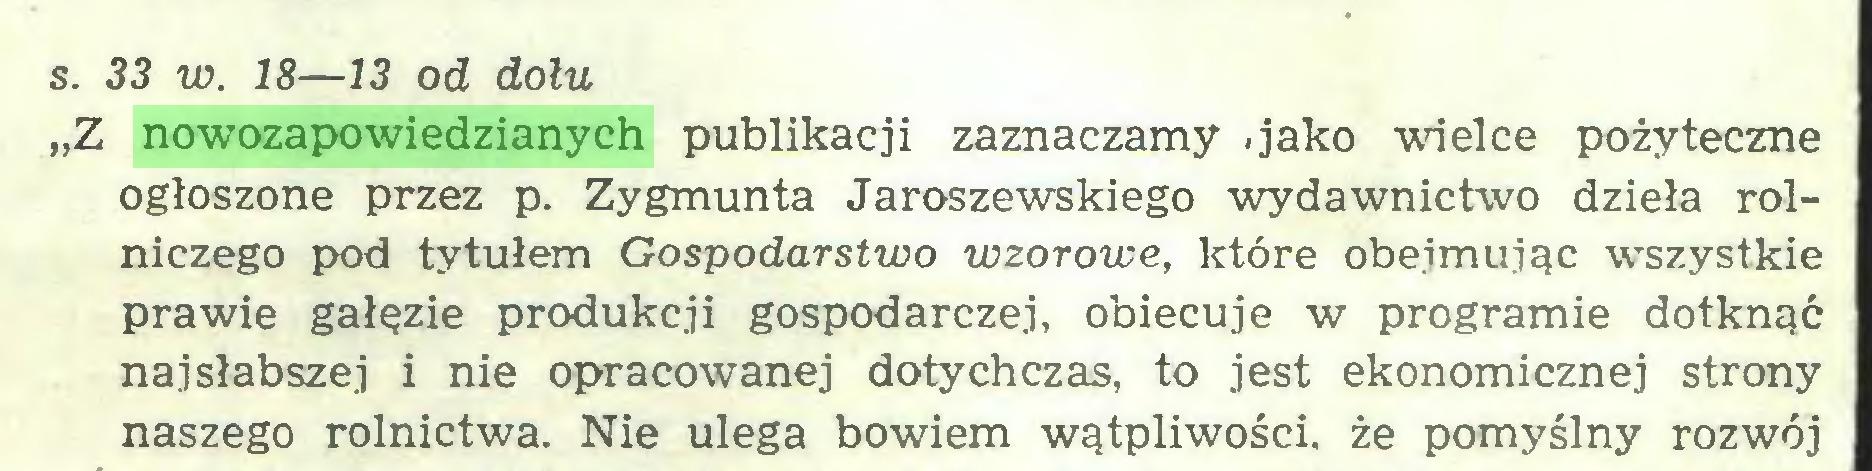 """(...) s. 33 w. 18—13 od dołu """"Z nowozapowiedzianych publikacji zaznaczamy -jako wielce pożyteczne ogłoszone przez p. Zygmunta Jaroszewskiego wydawnictwo dzieła rolniczego pod tytułem Gospodarstwo wzorowe, które obejmując wszystkie prawie gałęzie produkcji gospodarczej, obiecuje w programie dotknąć najsłabszej i nie opracowanej dotychczas, to jest ekonomicznej strony naszego rolnictwa. Nie ulega bowiem wątpliwości, że pomyślny rozwój..."""